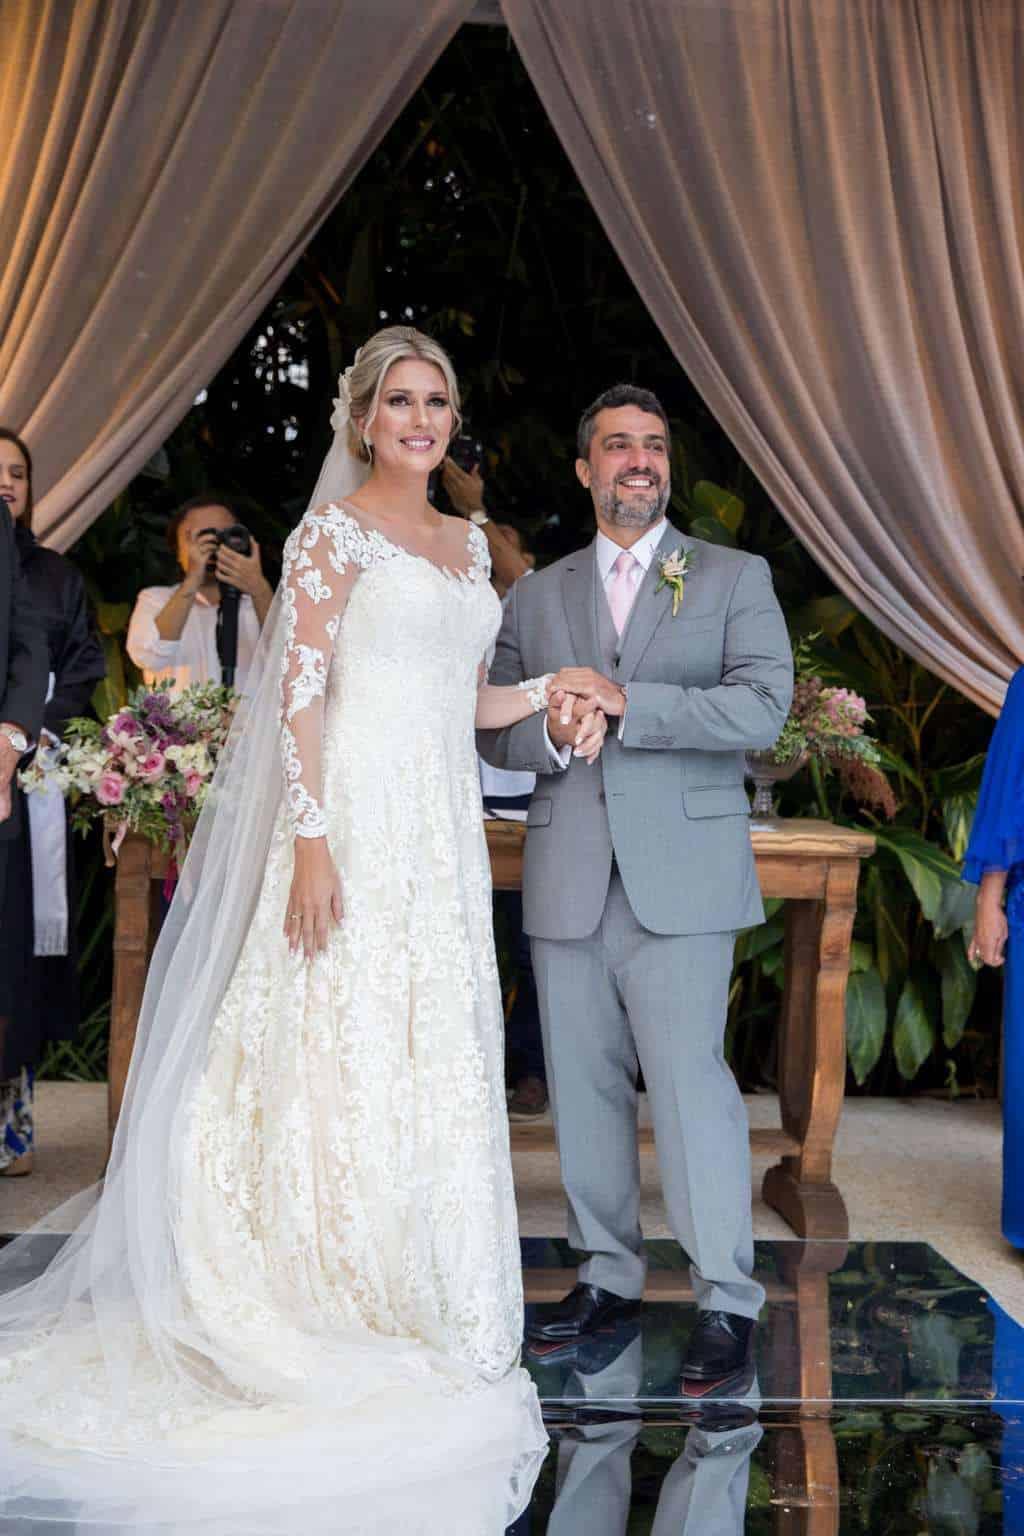 Andrea-Kapps-casamento-de-dia-casamento-na-serra-casamento-romântico-casamento-tradicional-Locanda-de-La-Mimosa-rosa-e-lilás-casamento-23